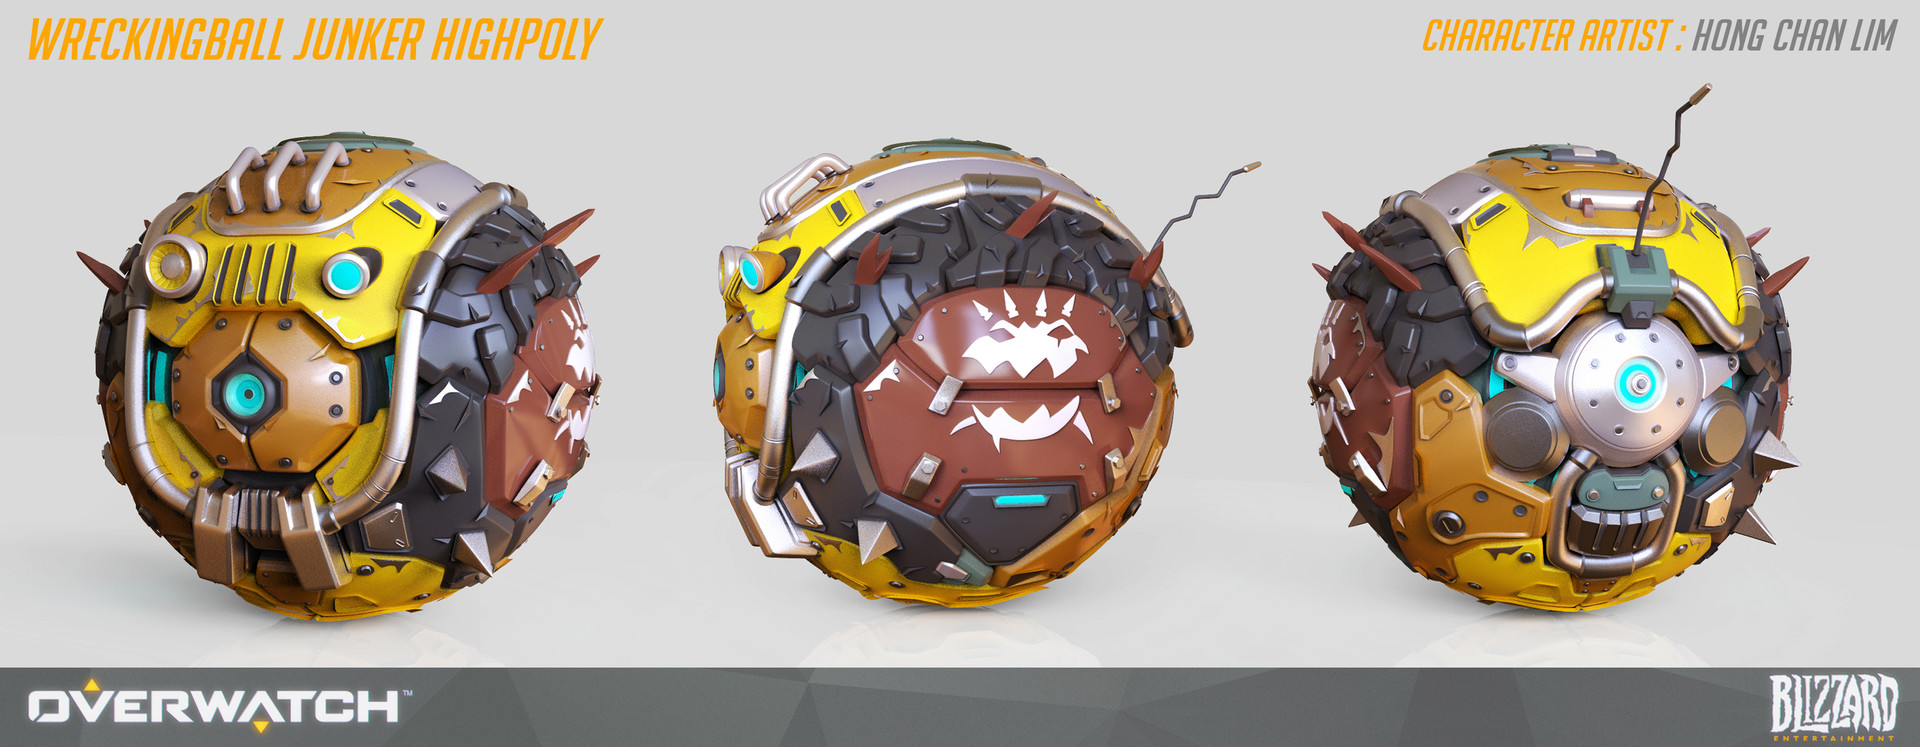 Overwatch wrecking ball